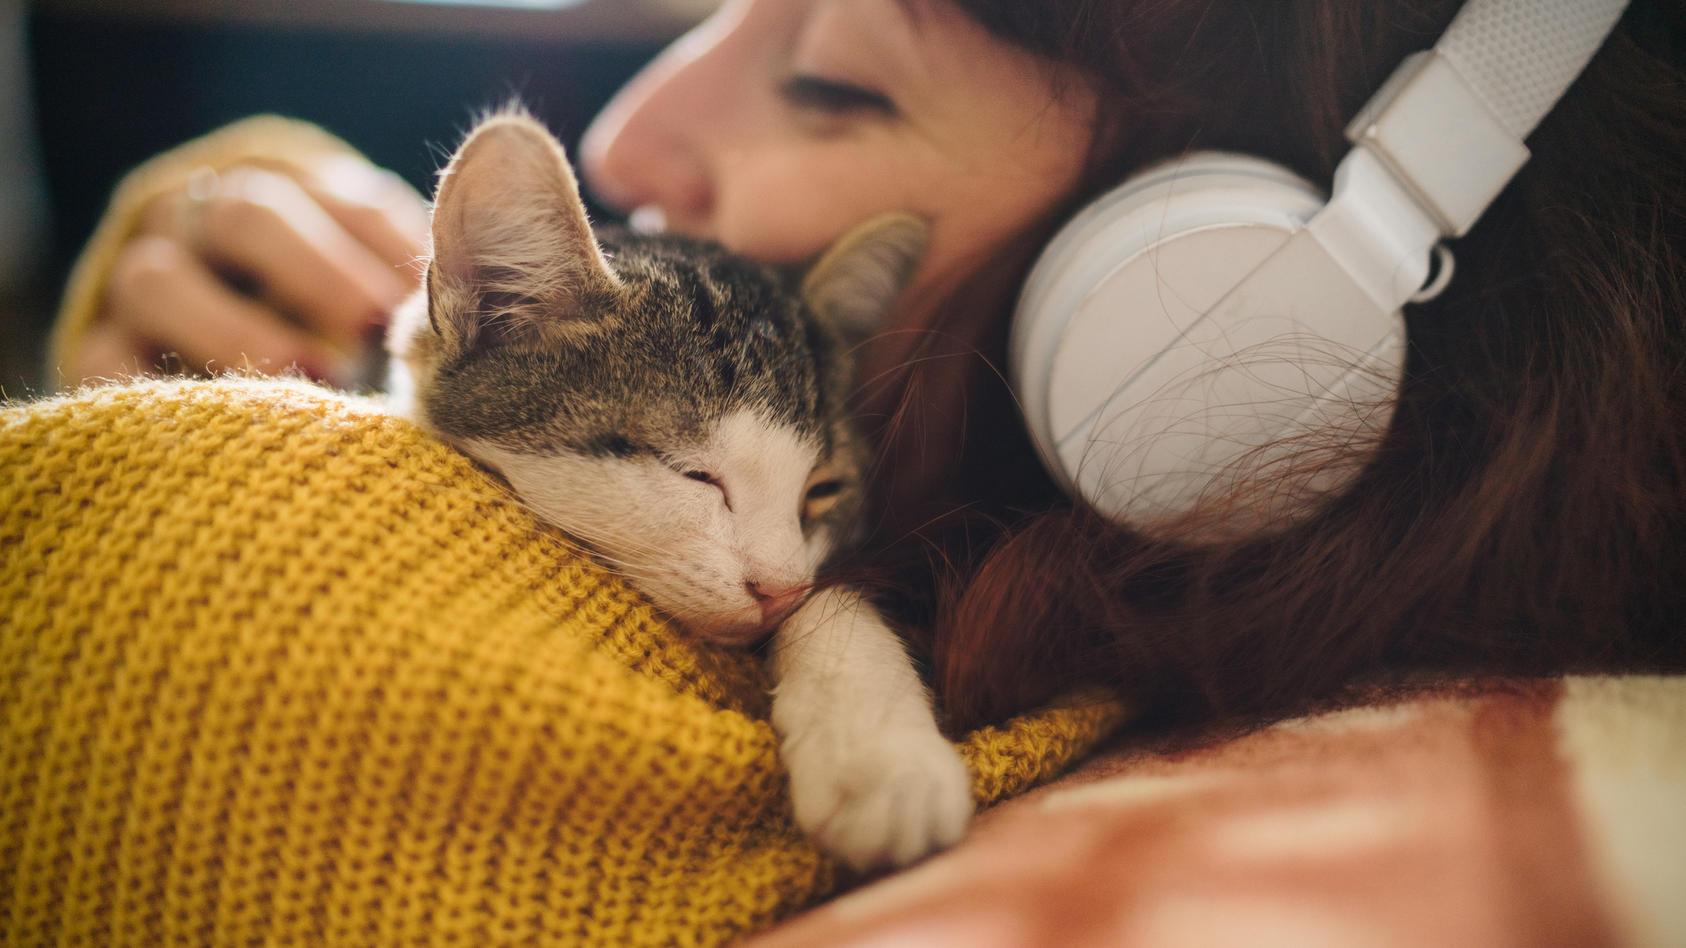 Katzen lieben ihre Bezugsperson ähnlich wie Kleinkinder ihre Eltern. Das will eine Studie nun herausgefunden haben.